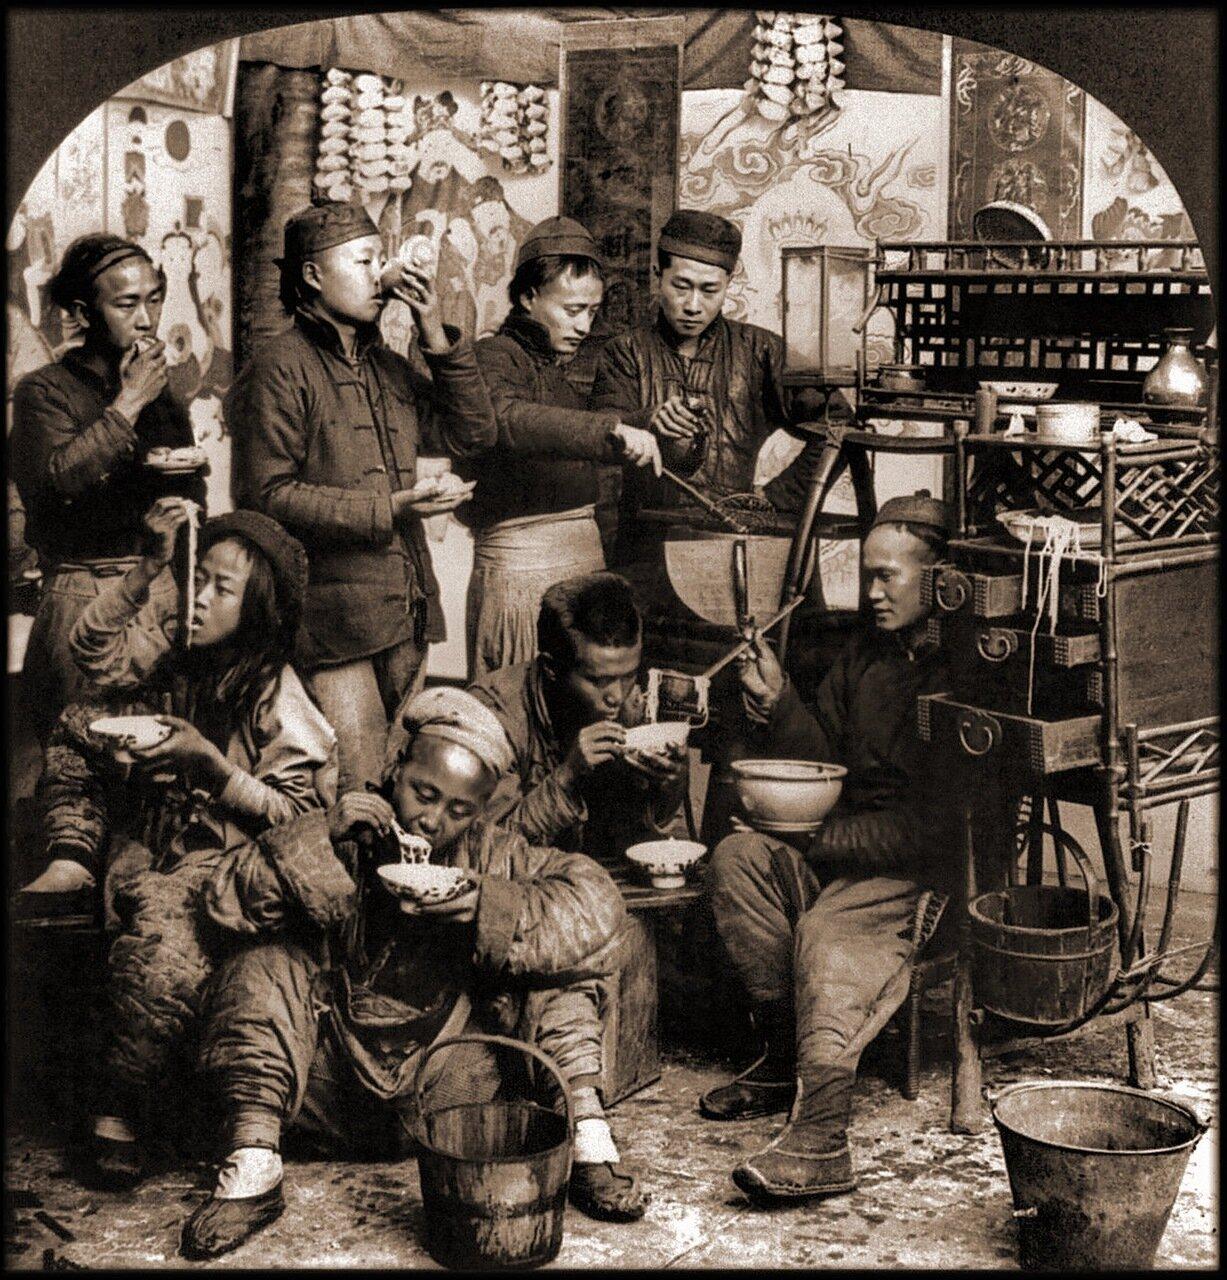 1919. Передвижная столовая Чоу в Кантоне